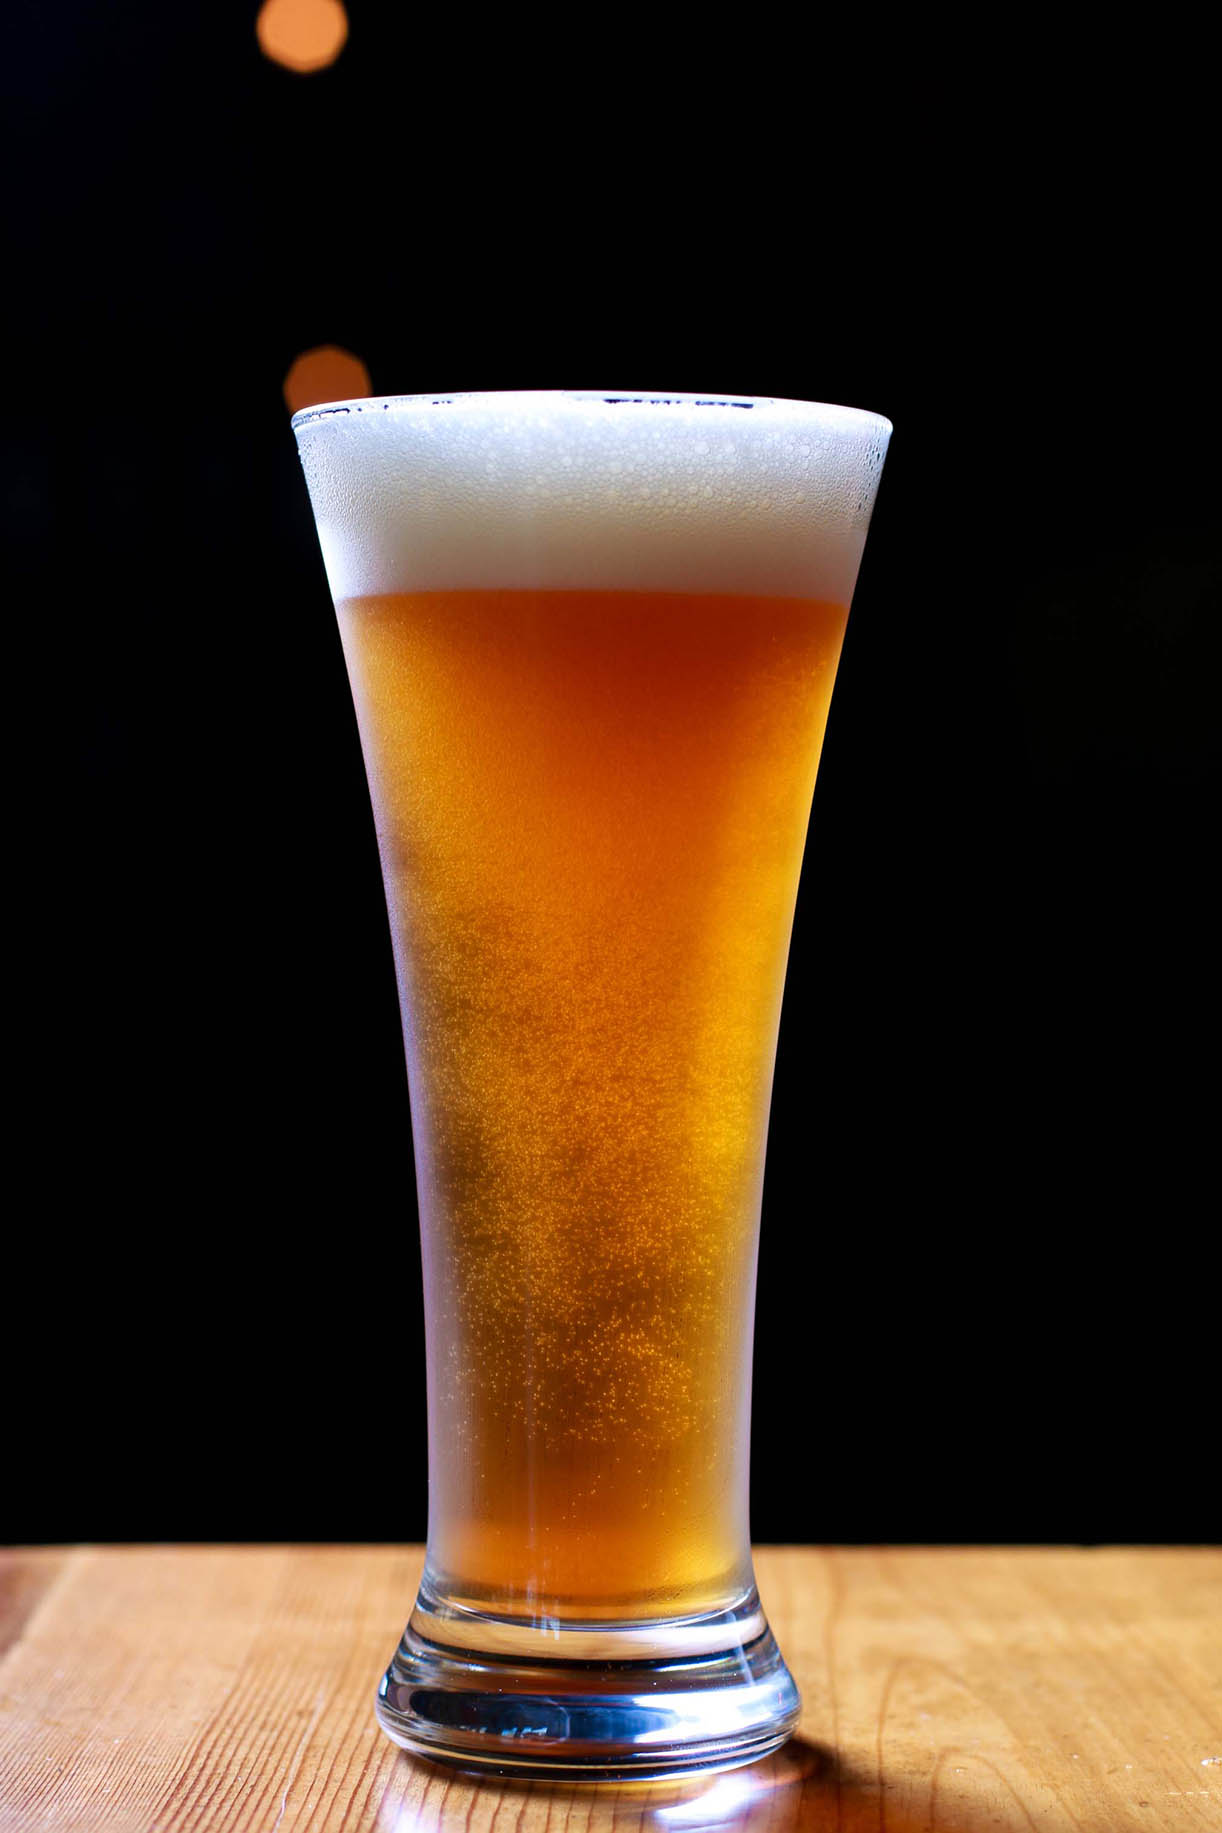 Alex Paolella Beer Photography 00012.jpg